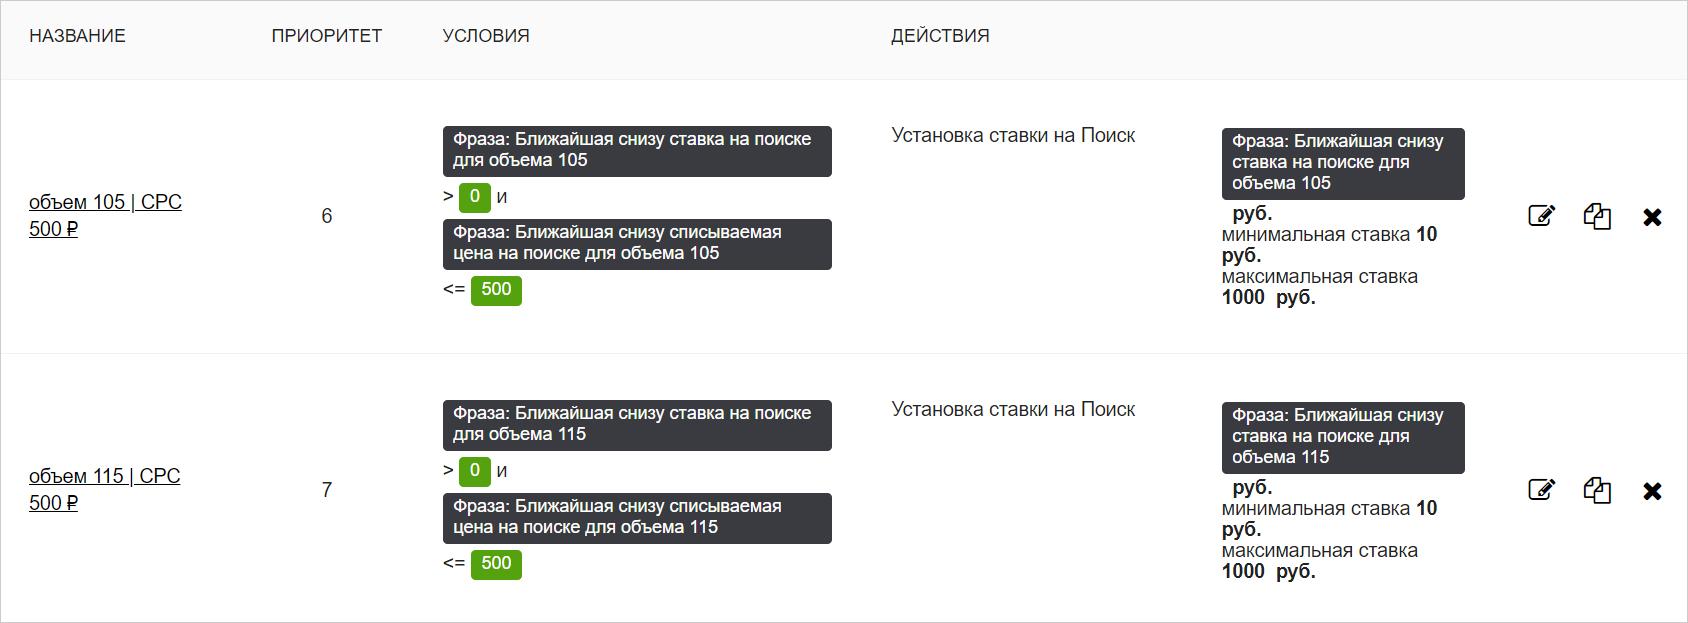 Каскад правил для Яндекс.Директ